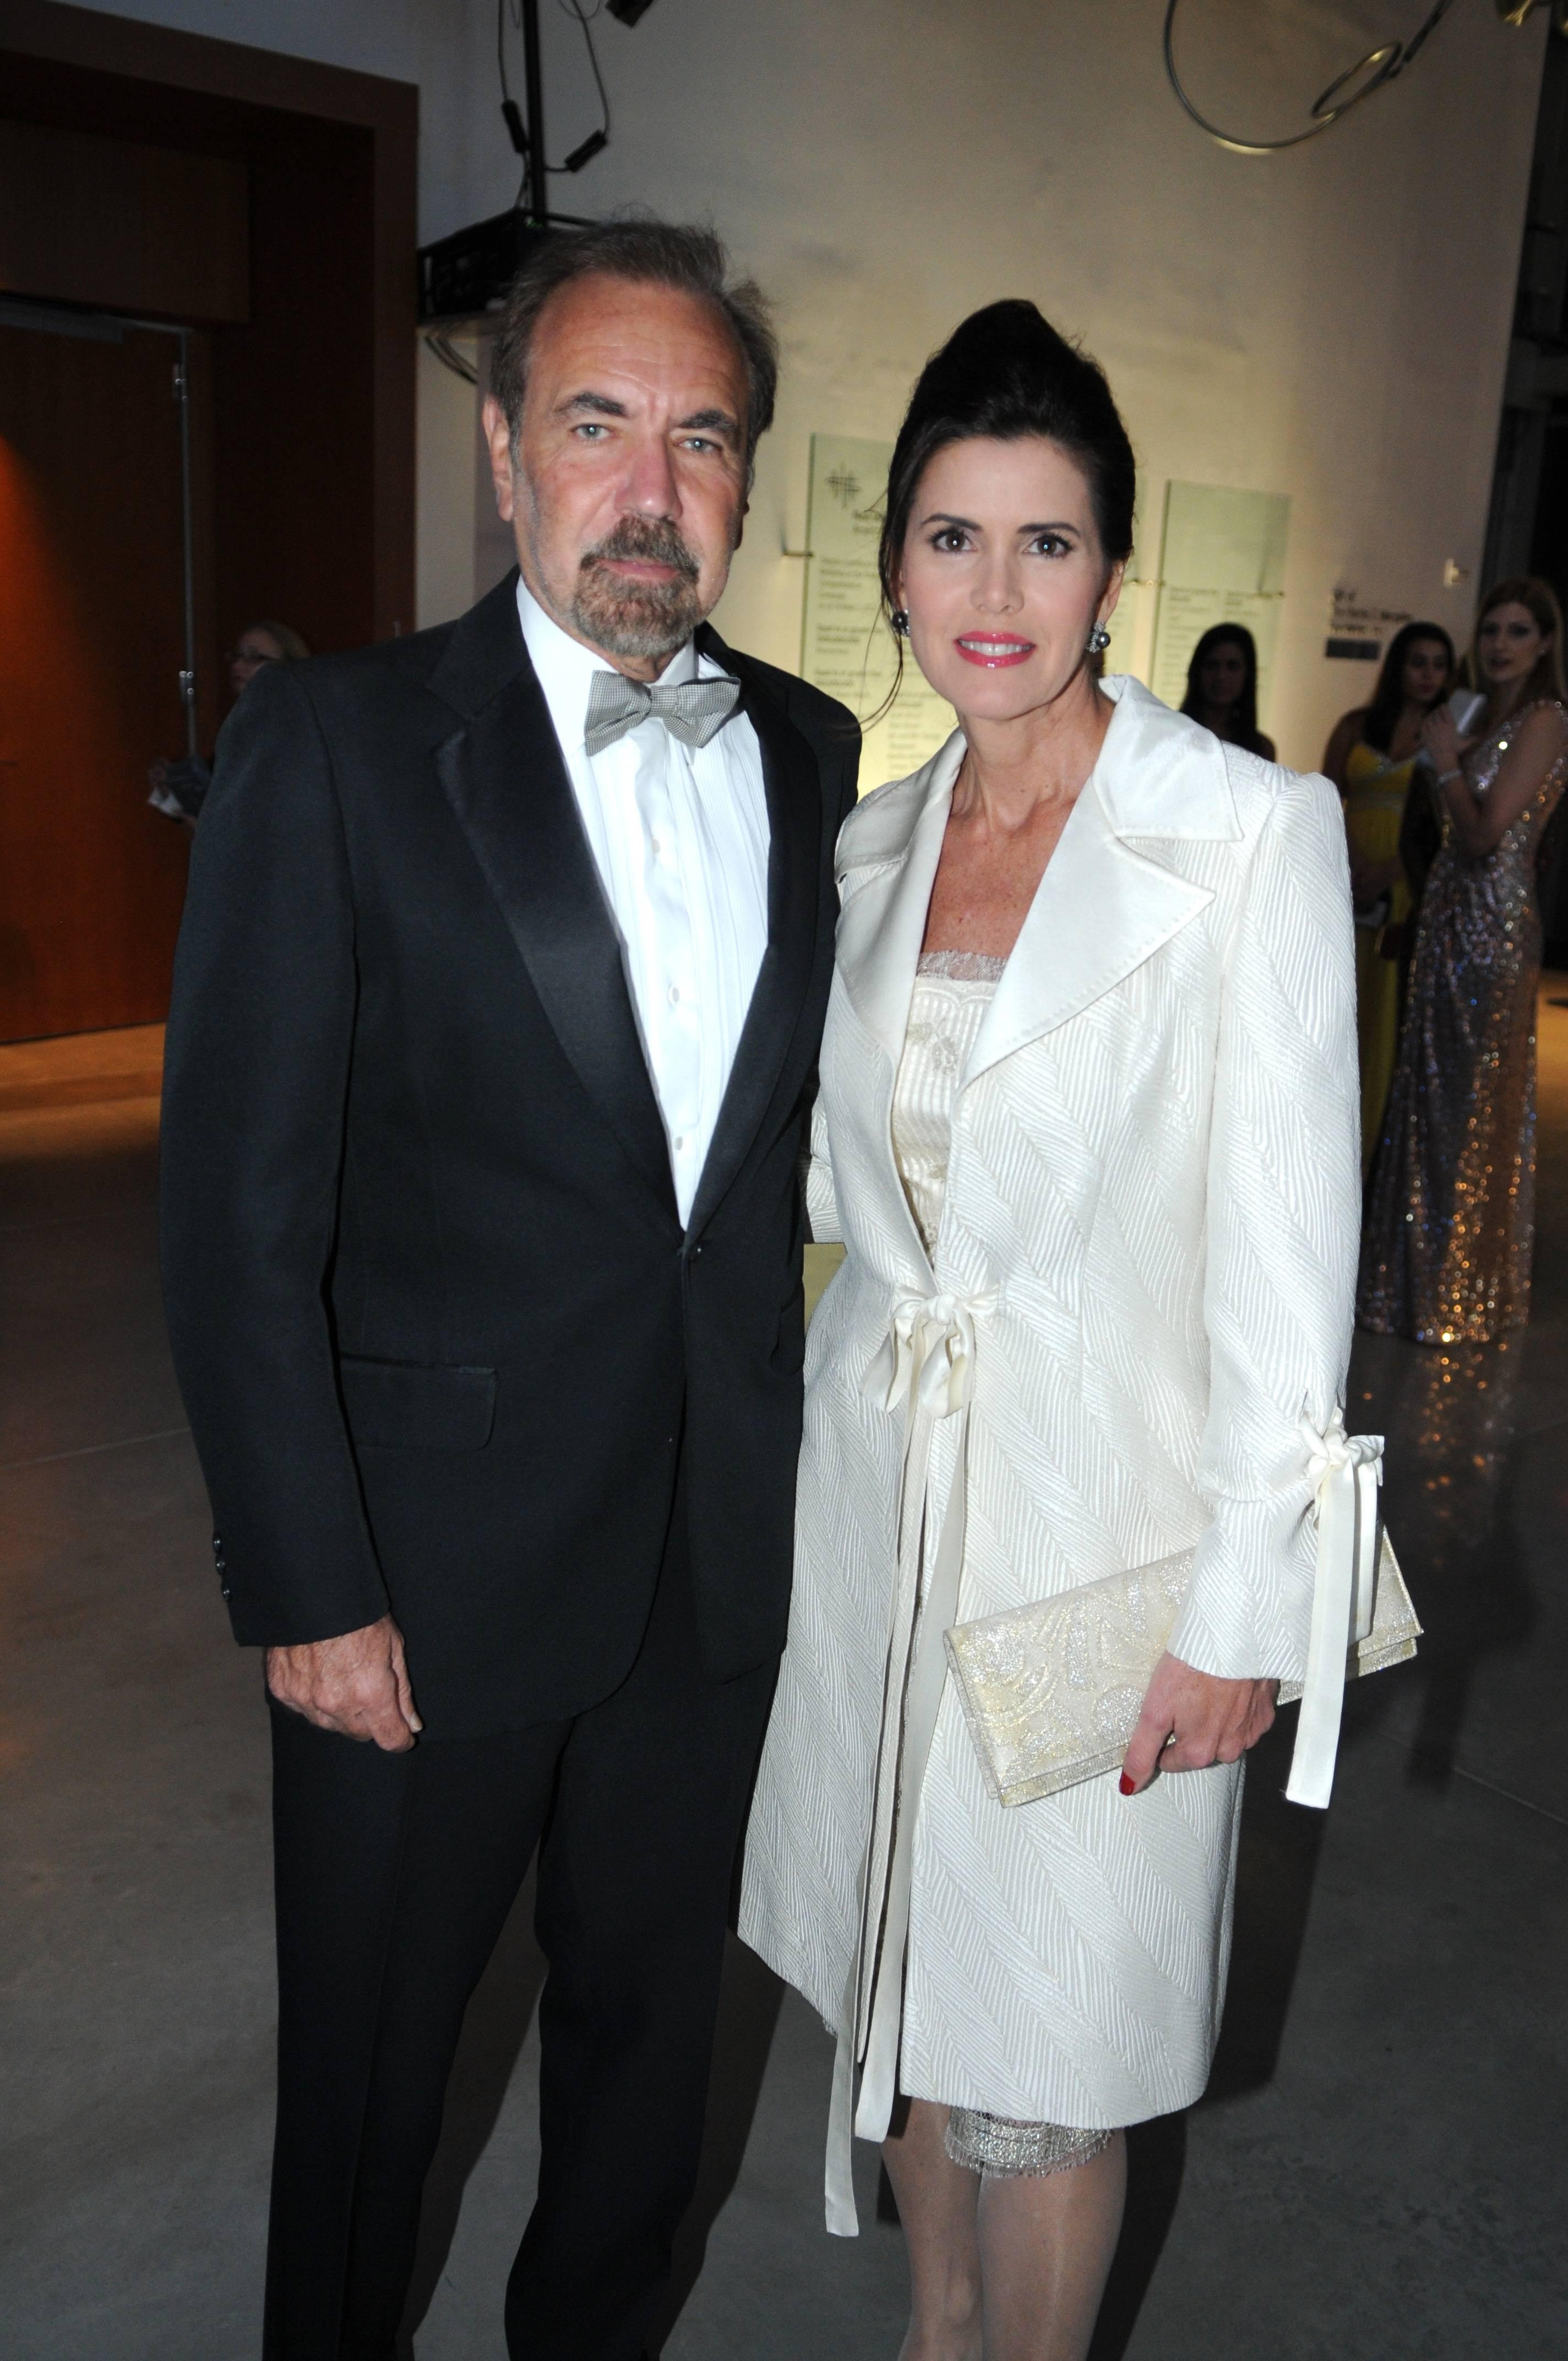 Jorge & Darlene Perez